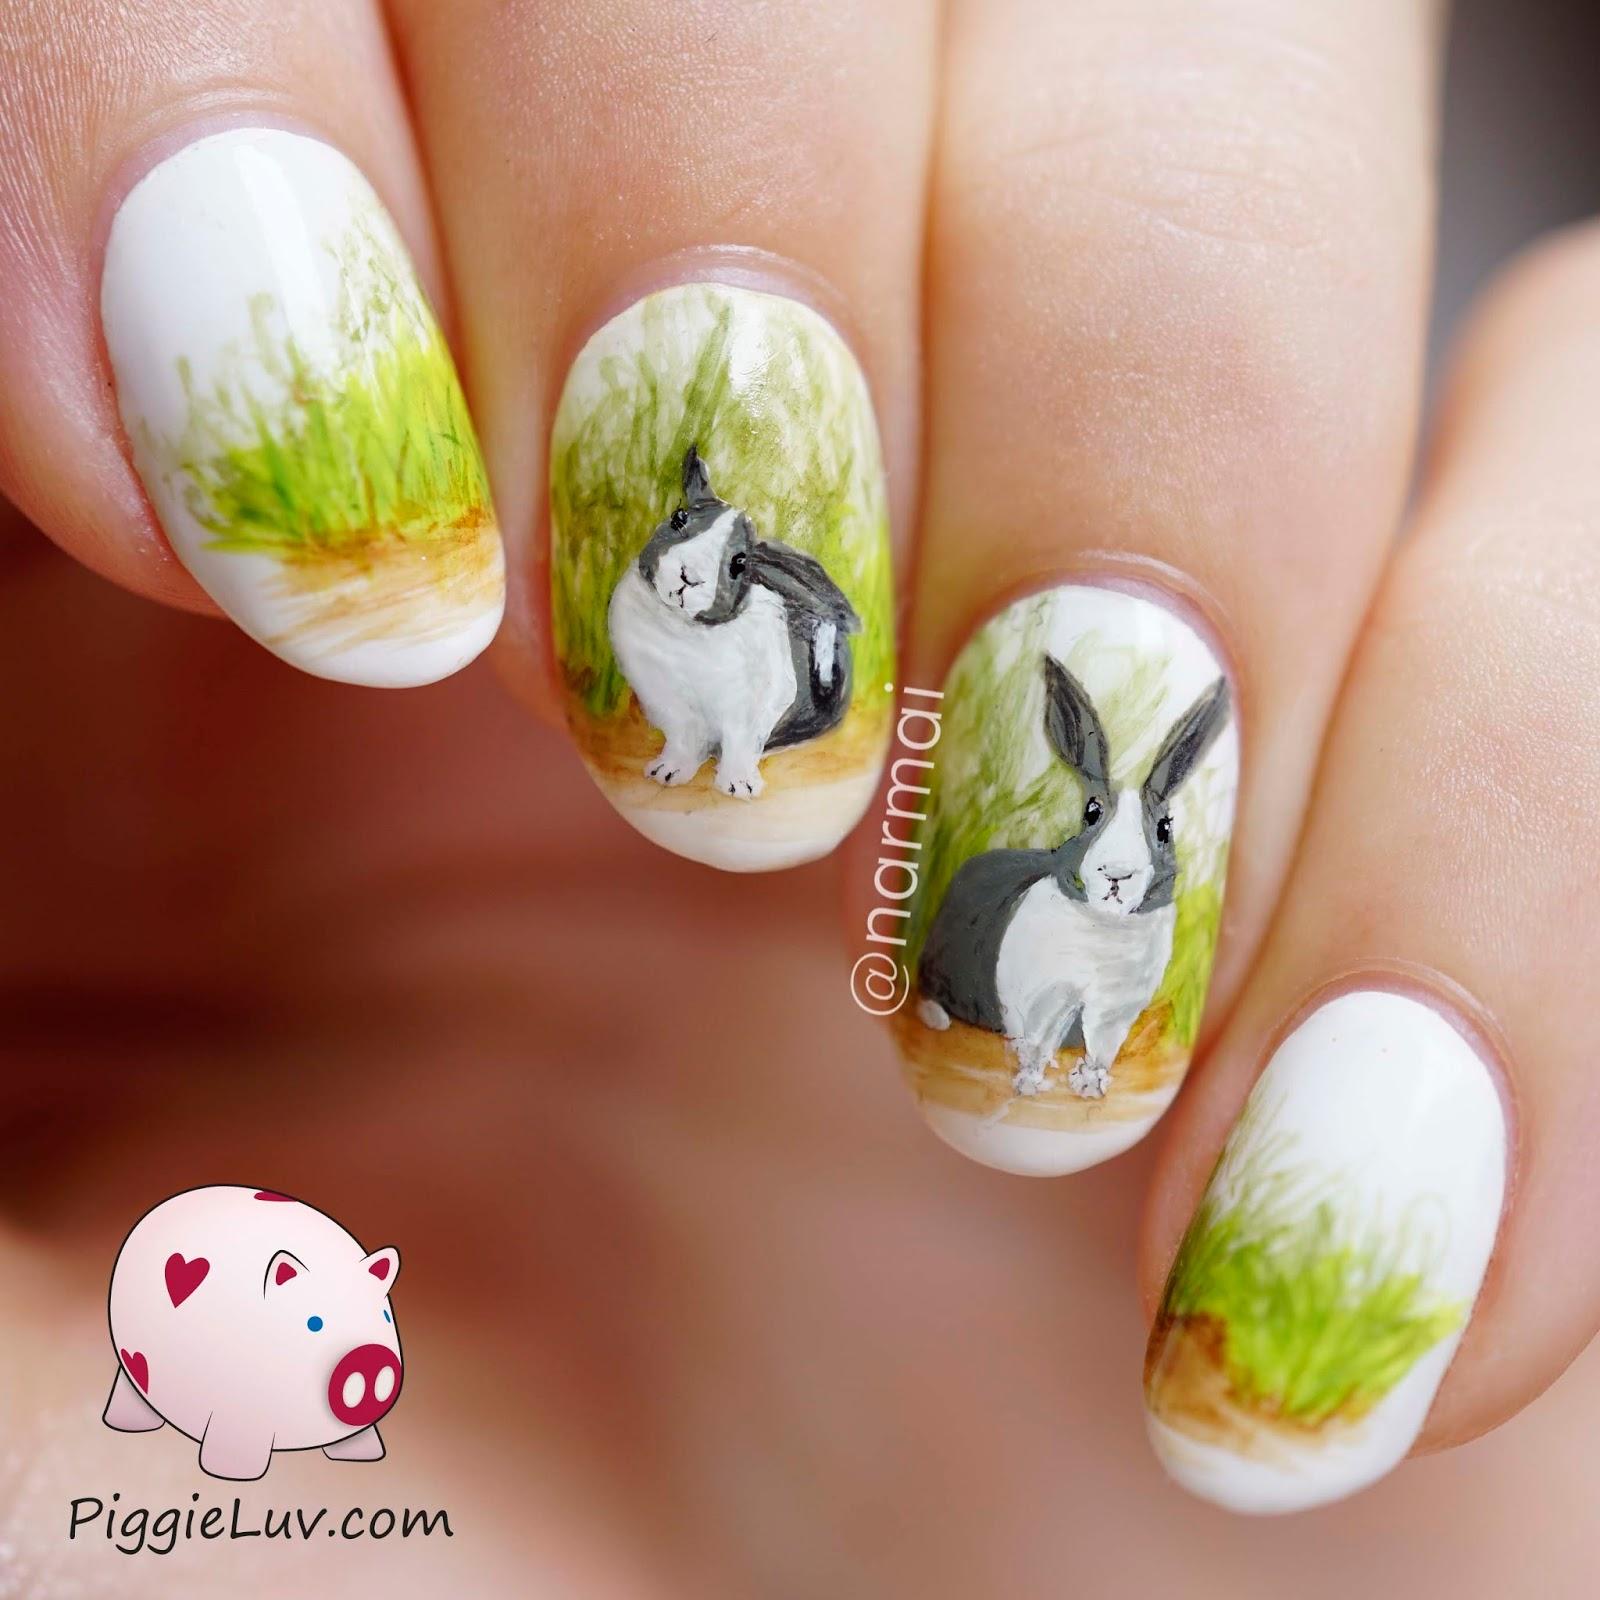 Маникюр с животными 60 фото идей красивых ногтей